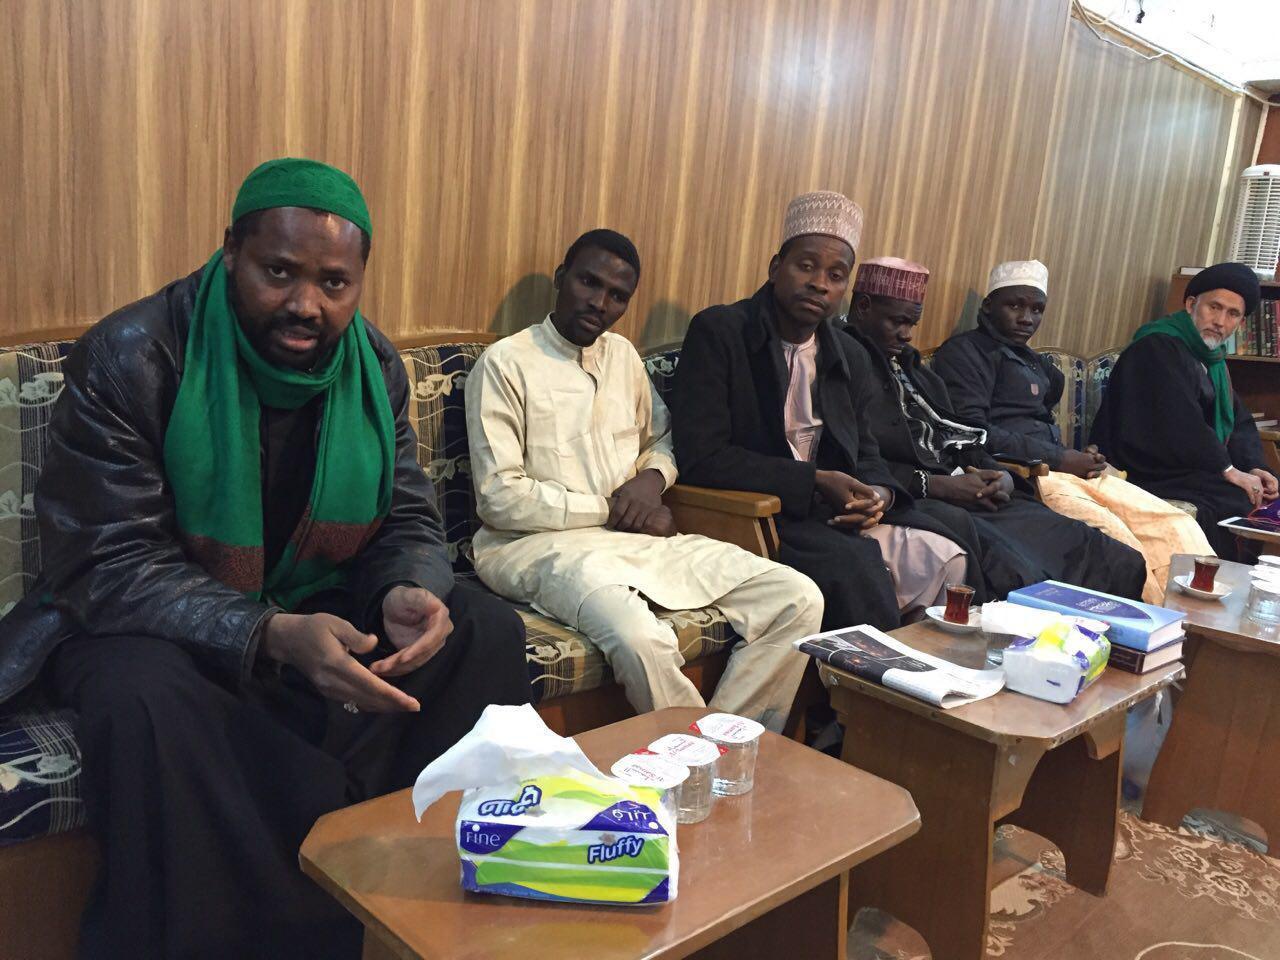 تصویر طلاب نيجريه اى ميهمان دفتر آيت الله العظمى شيرازى در شهر مقدس نجف